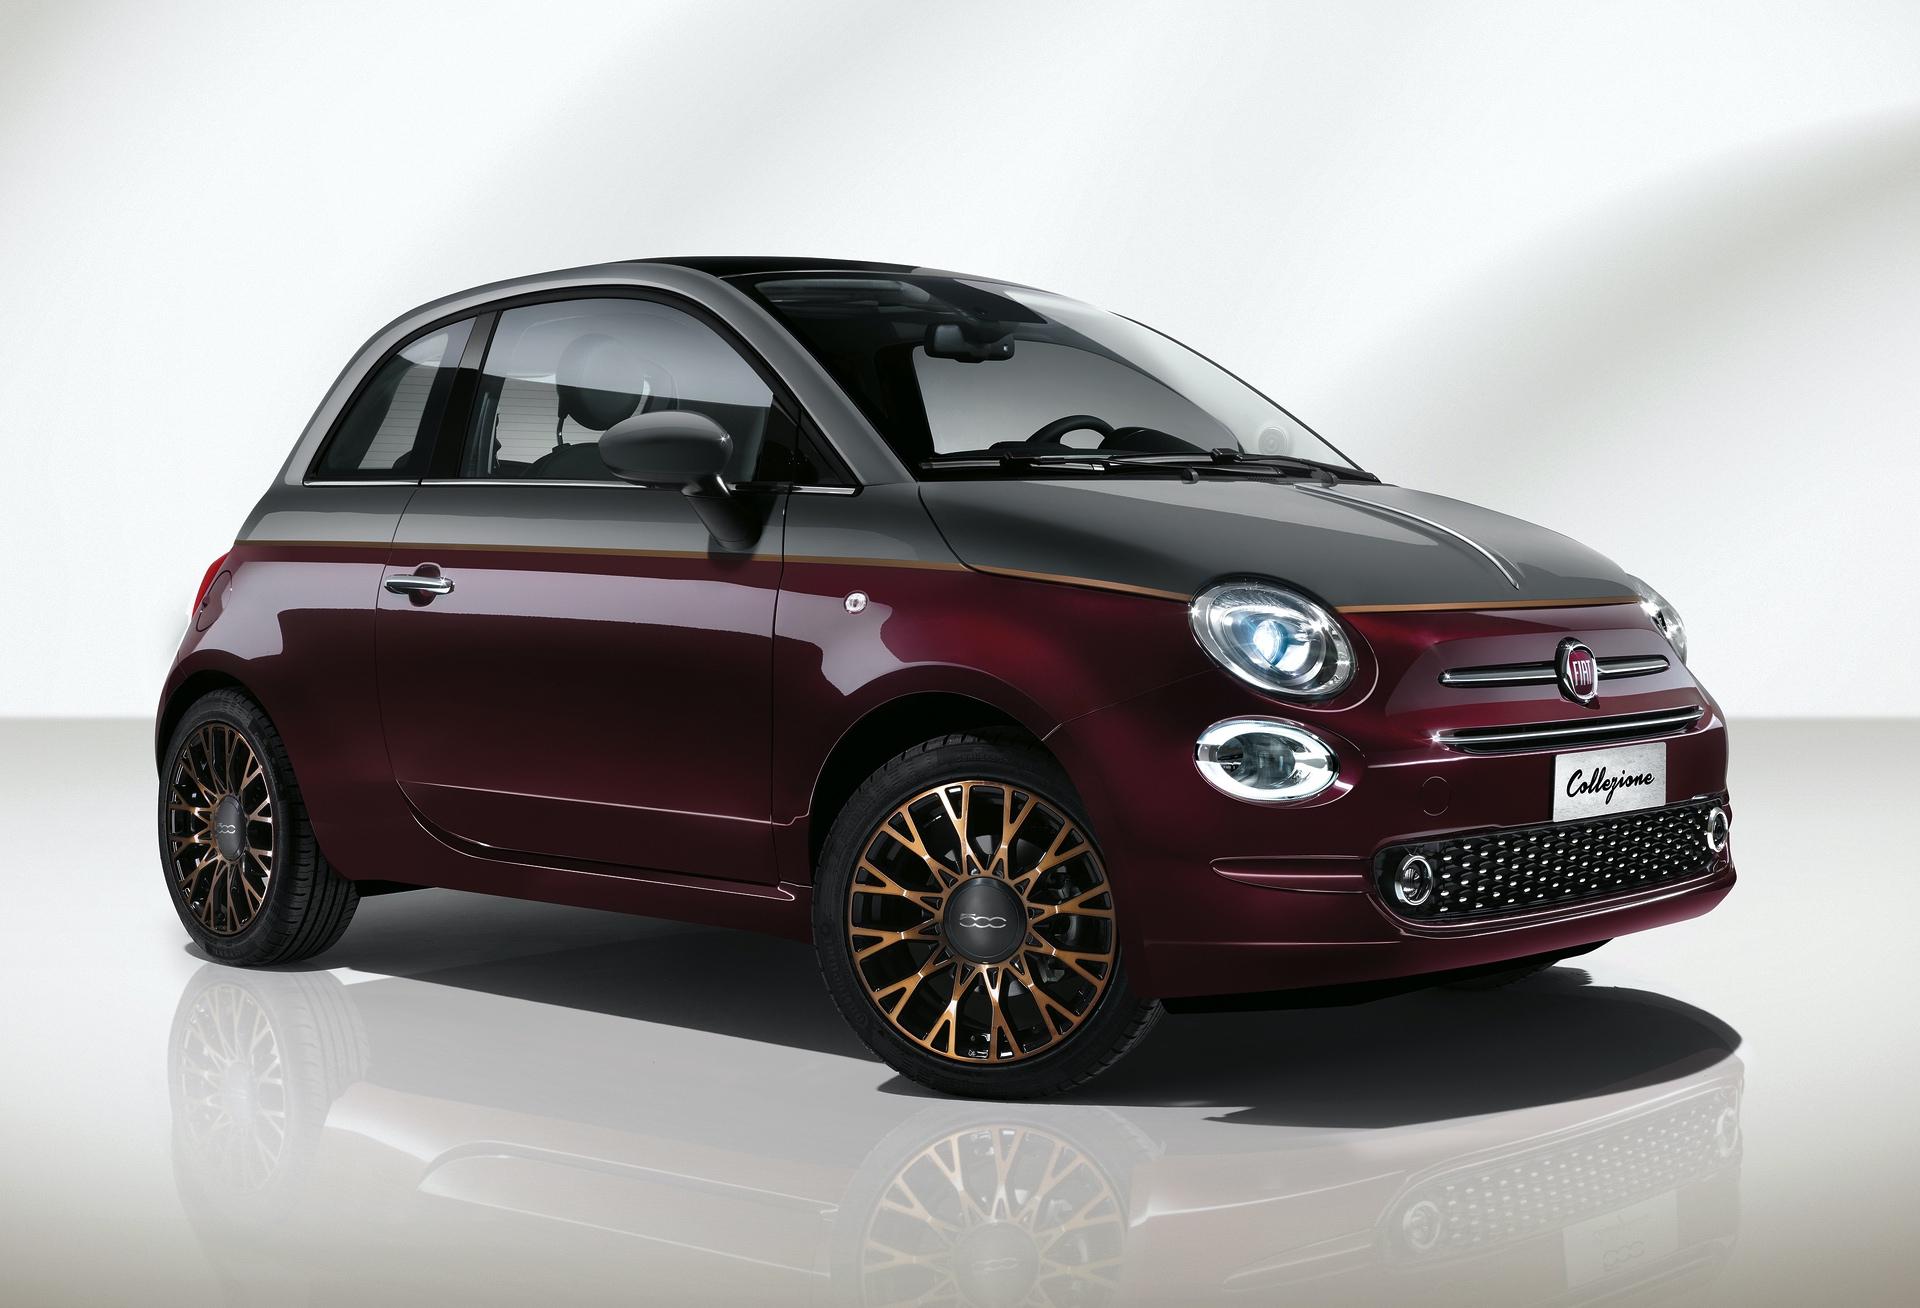 Fiat_500_Collezione_Edition_0015